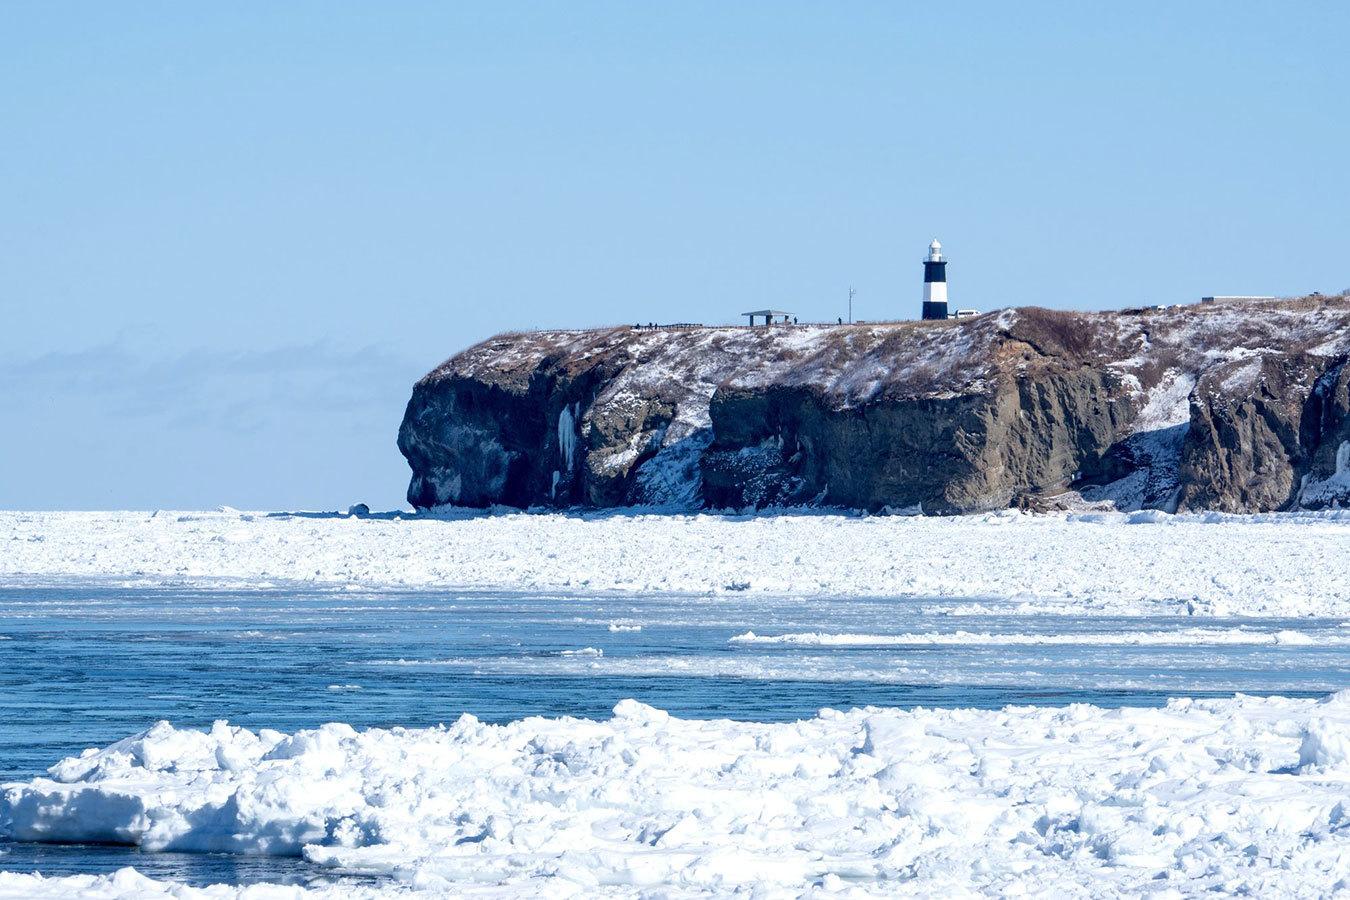 春の知らせを告げる「流氷ツアー」で大自然の一部になる